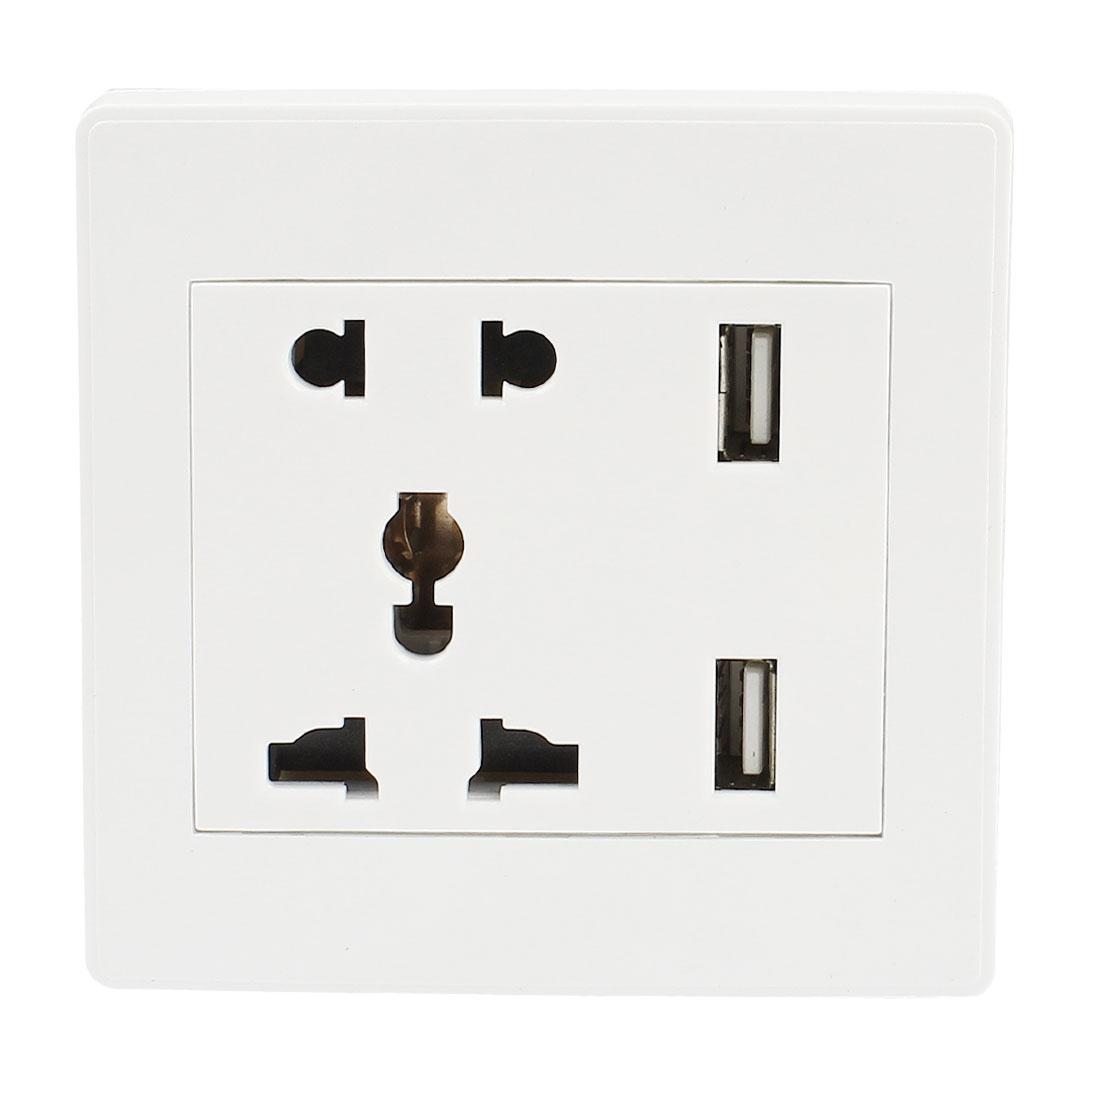 Universal White Plastic Shell 2 x USB Charging Wall Socket Plate AC 110-250V 10A